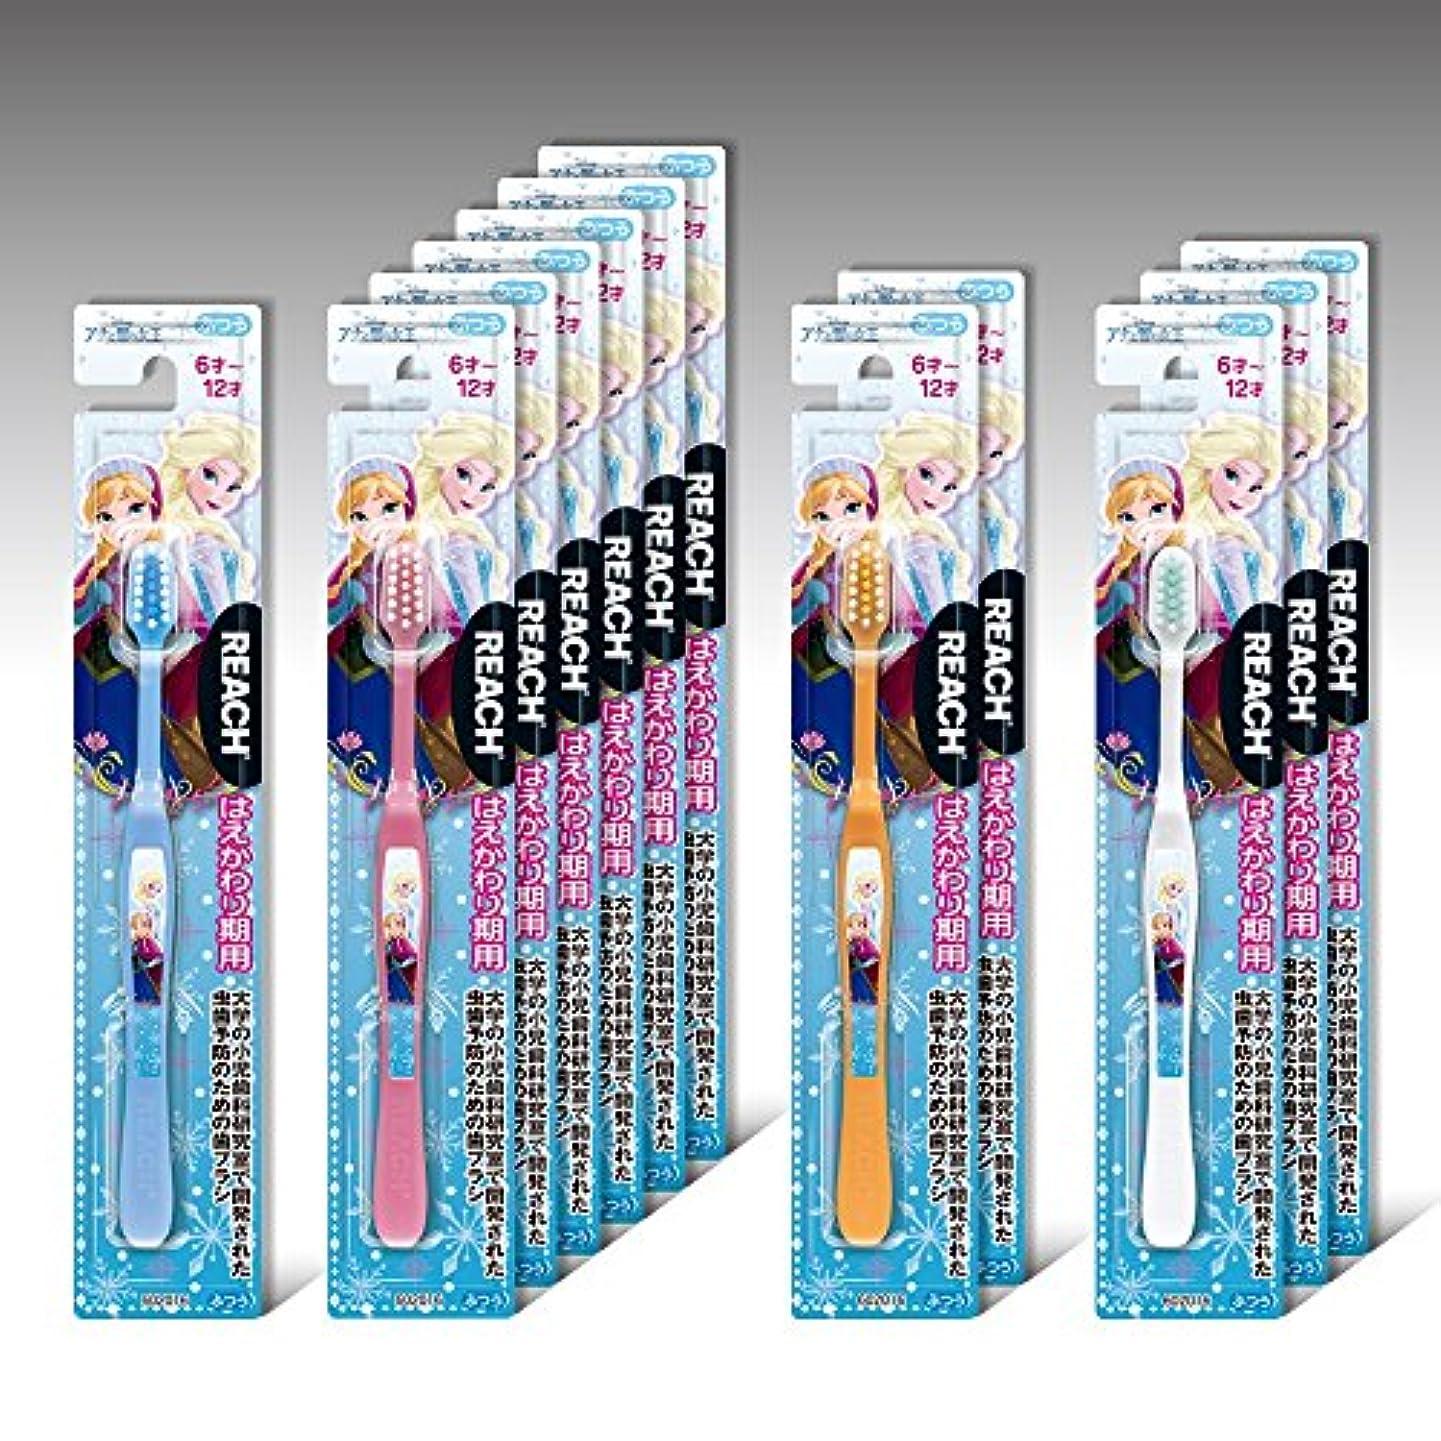 指令お祝い風味リーチキッズ ディズニー アナと雪の女王 はえかわり期用(6~12才) 12本セット